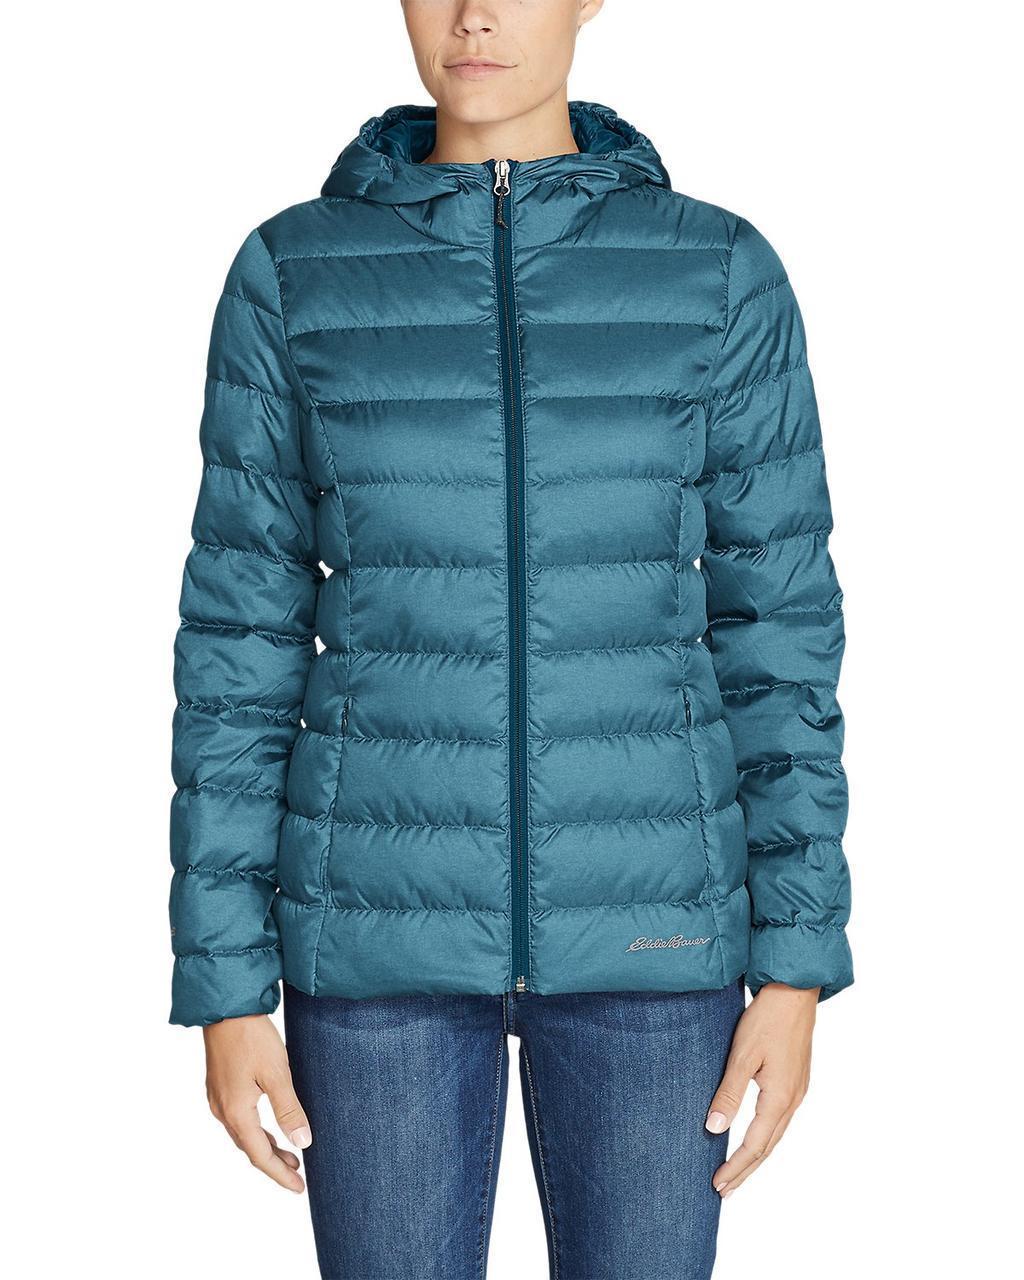 Куртка Eddie Bauer Women's CirrusLite Down Hooded Jacket S